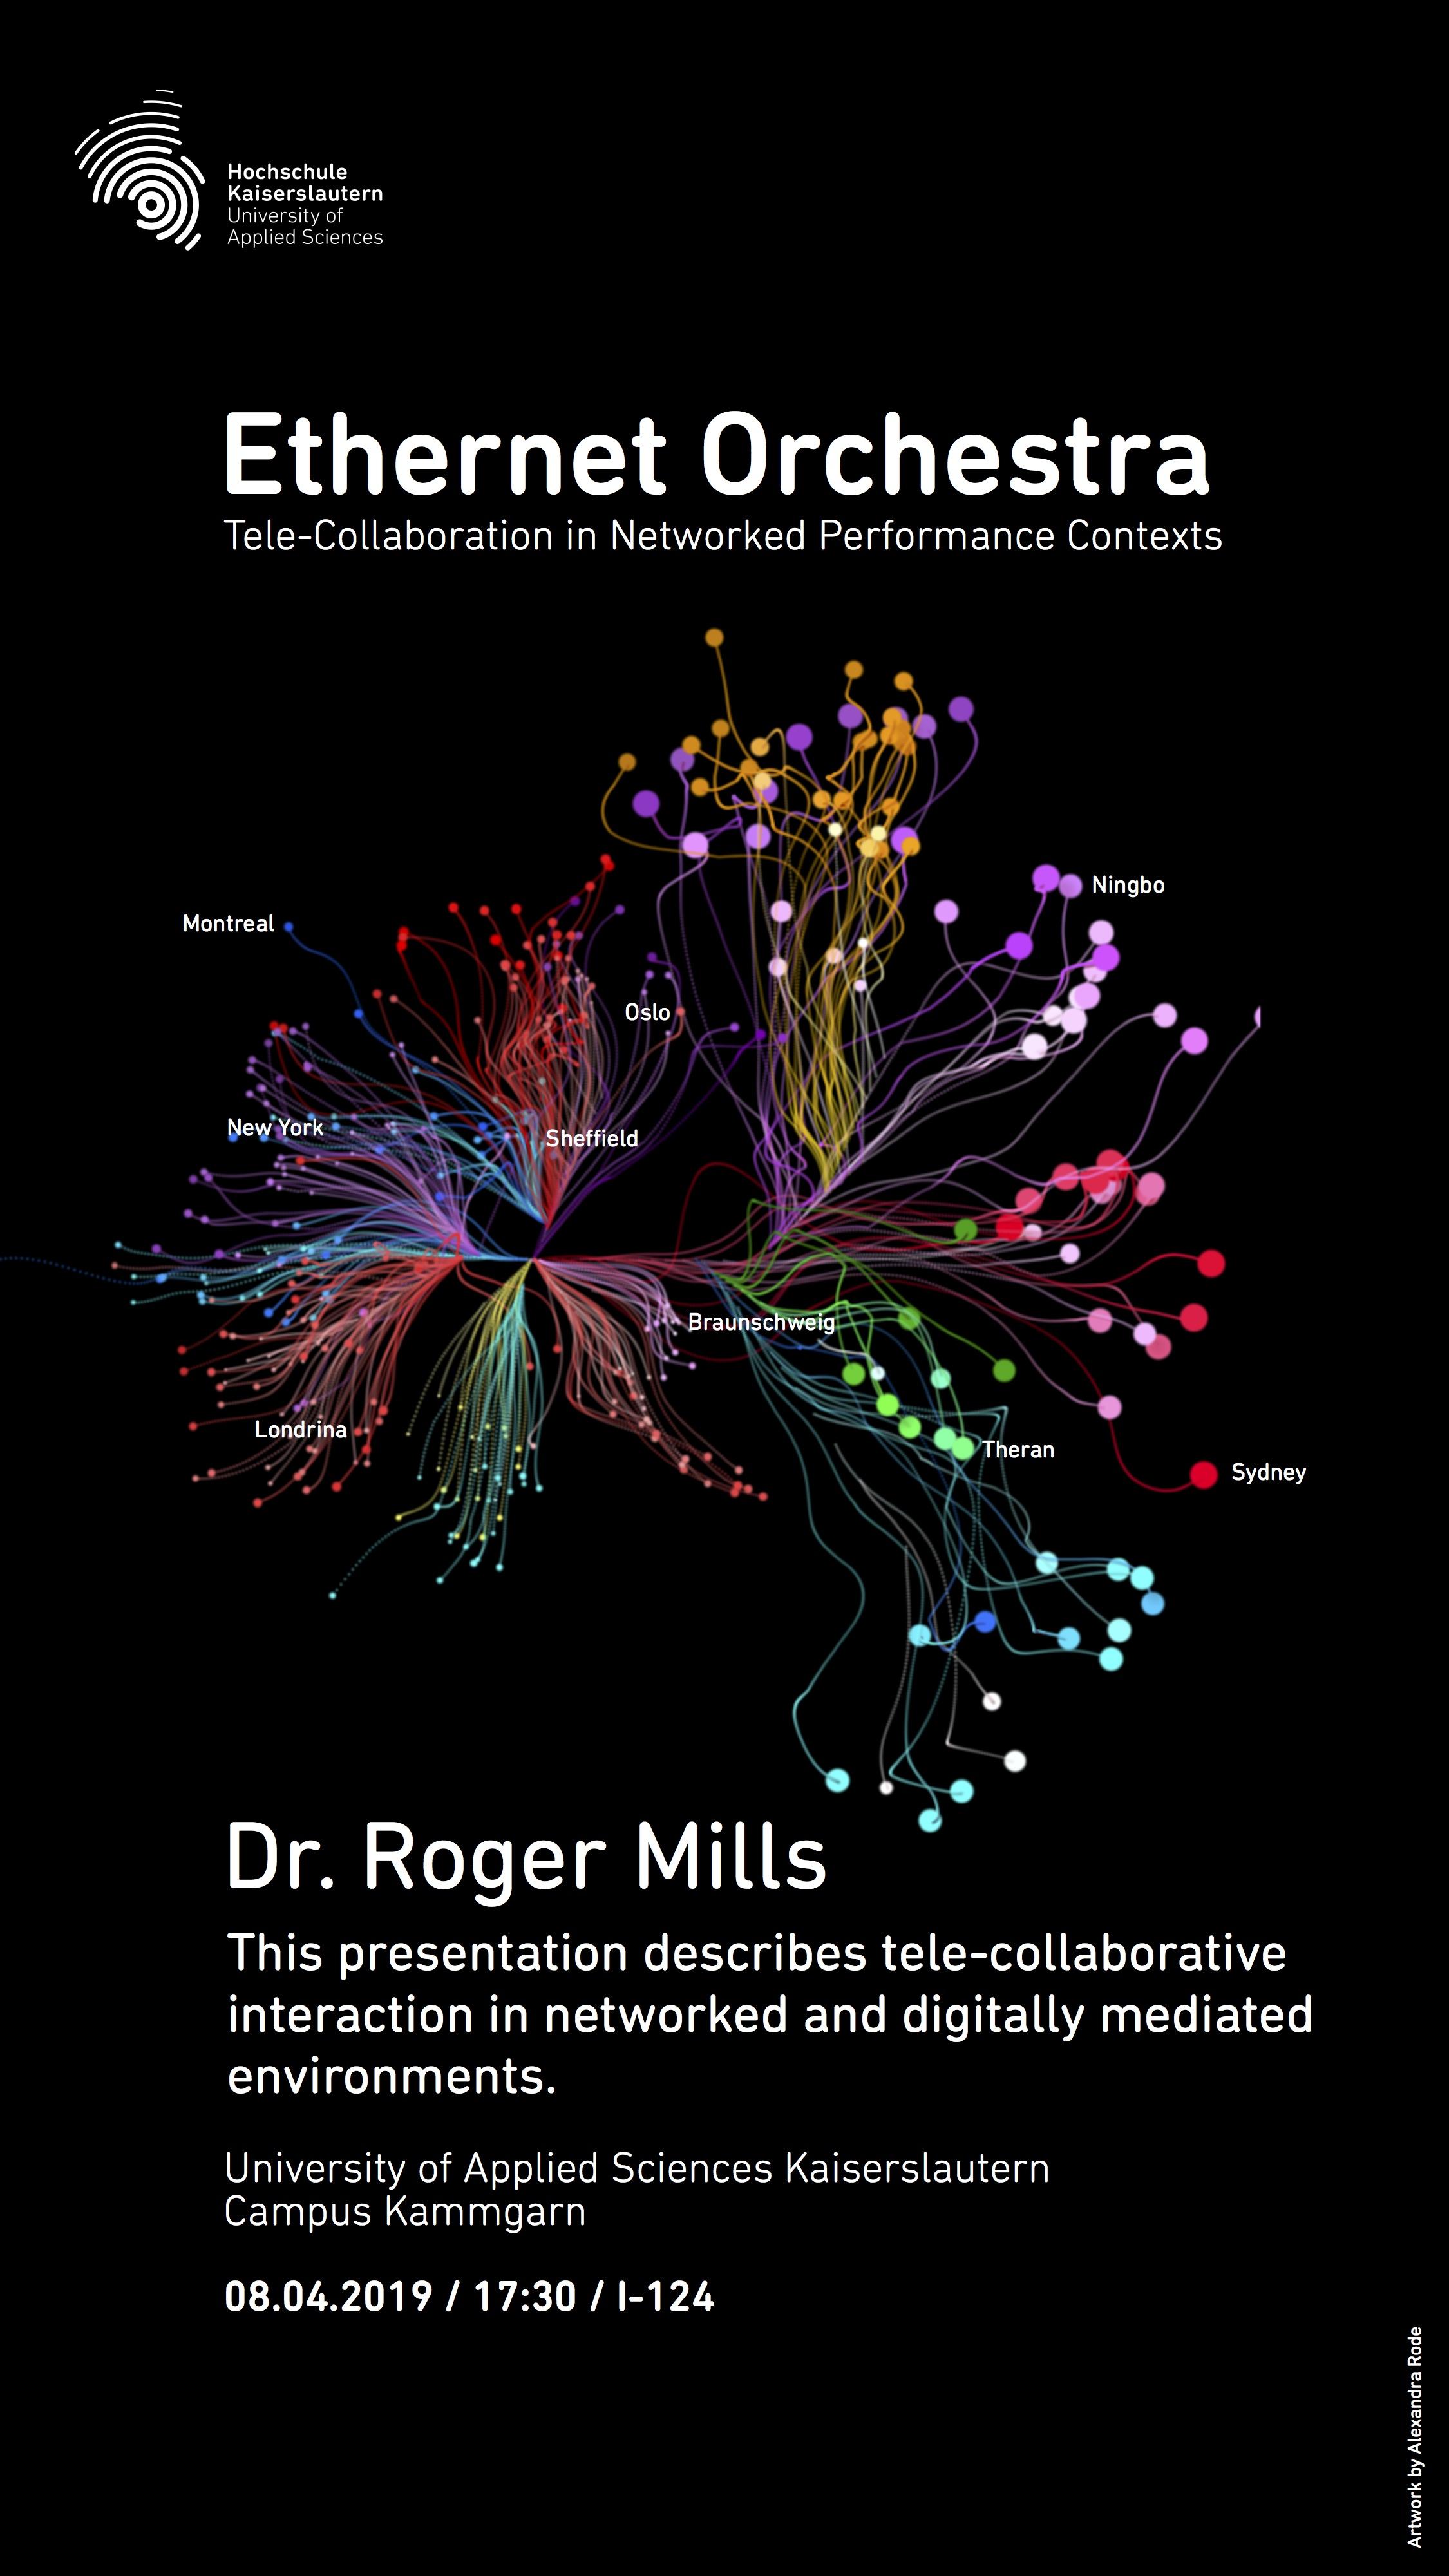 RogerMillsPoster.jpg